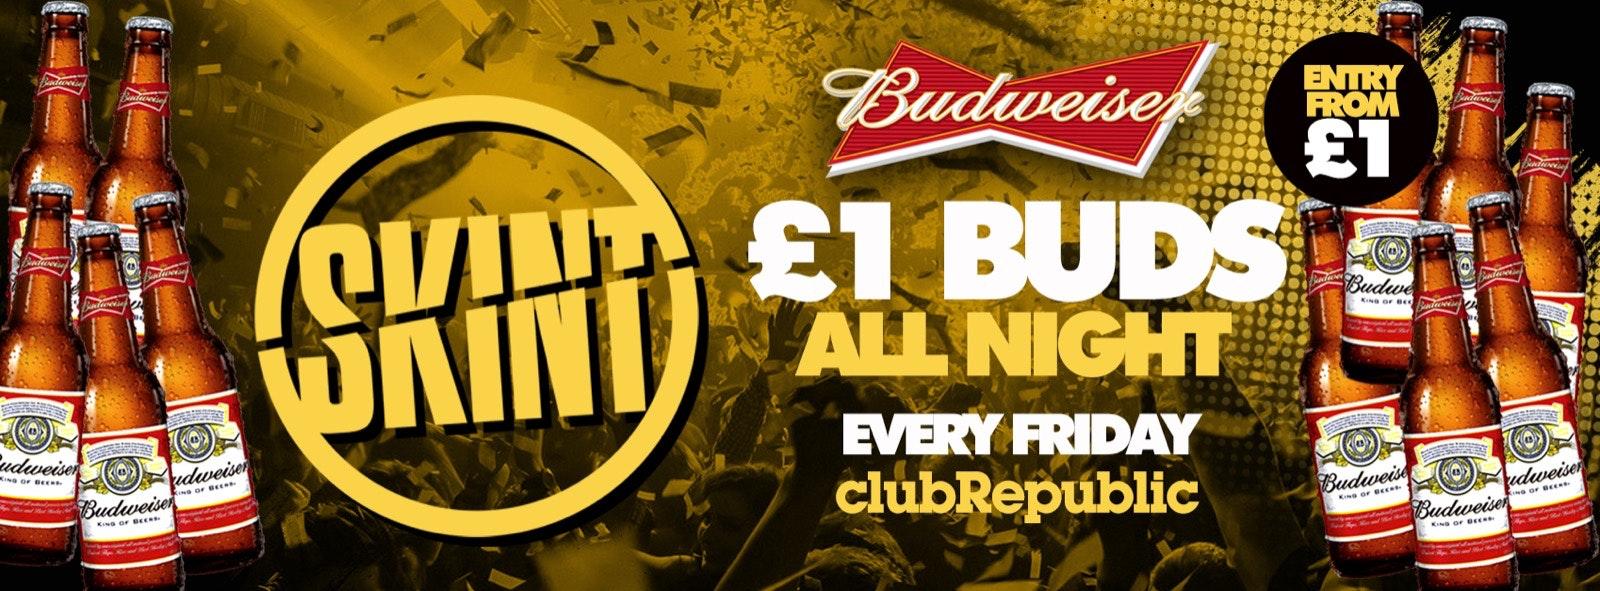 ★ Skint Fridays ★ £1 Budweiser's Allnight! ★ Club Republic ★ £3 Tickets On Sale